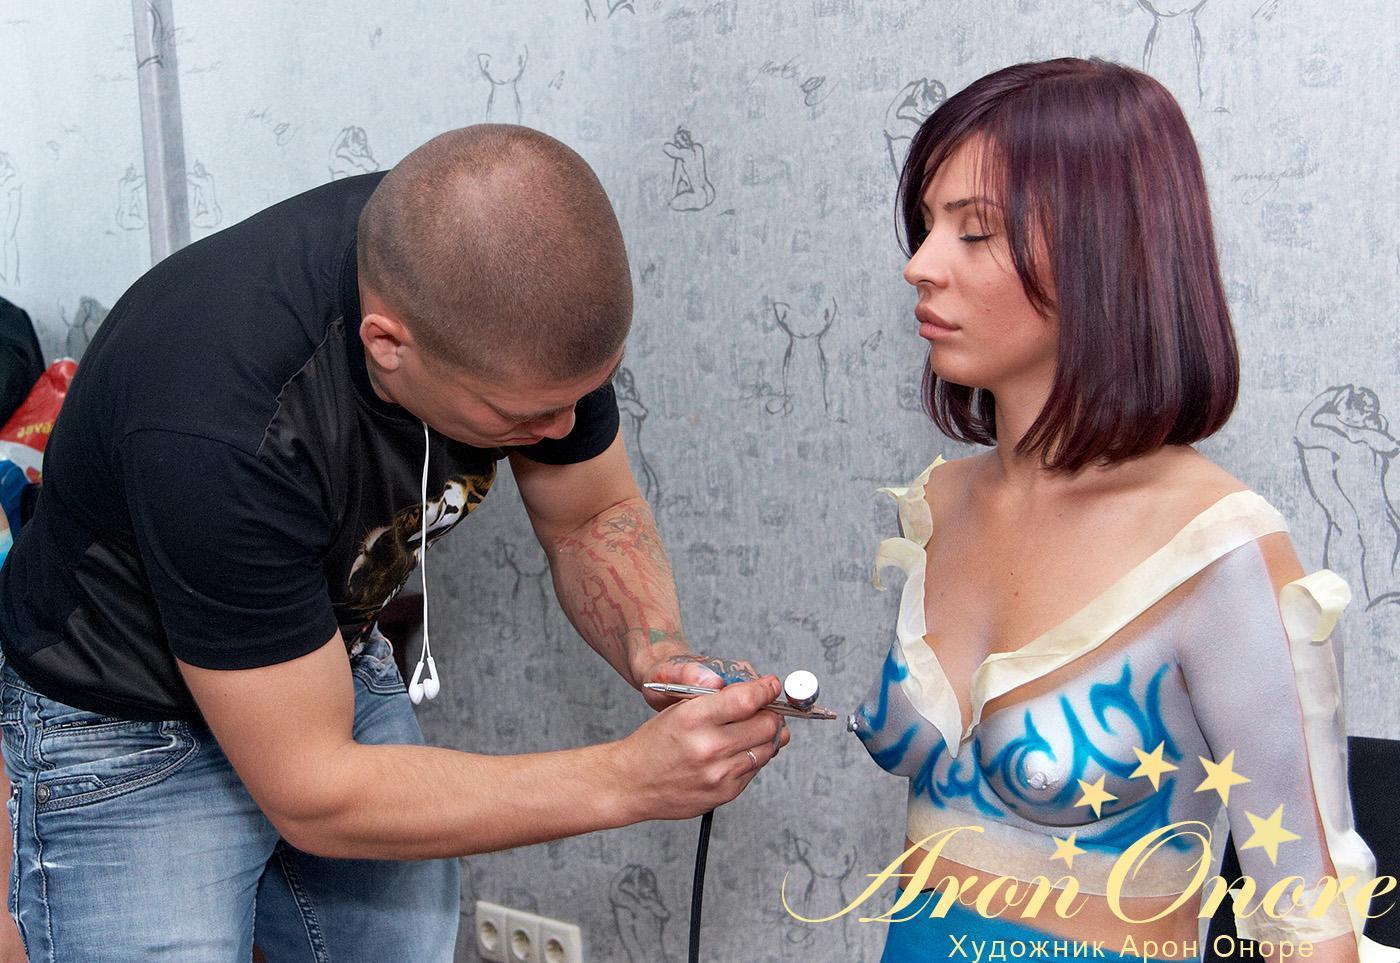 Художник Арон Оноре – занимается росписью художественного рисунка на теле брюнетки